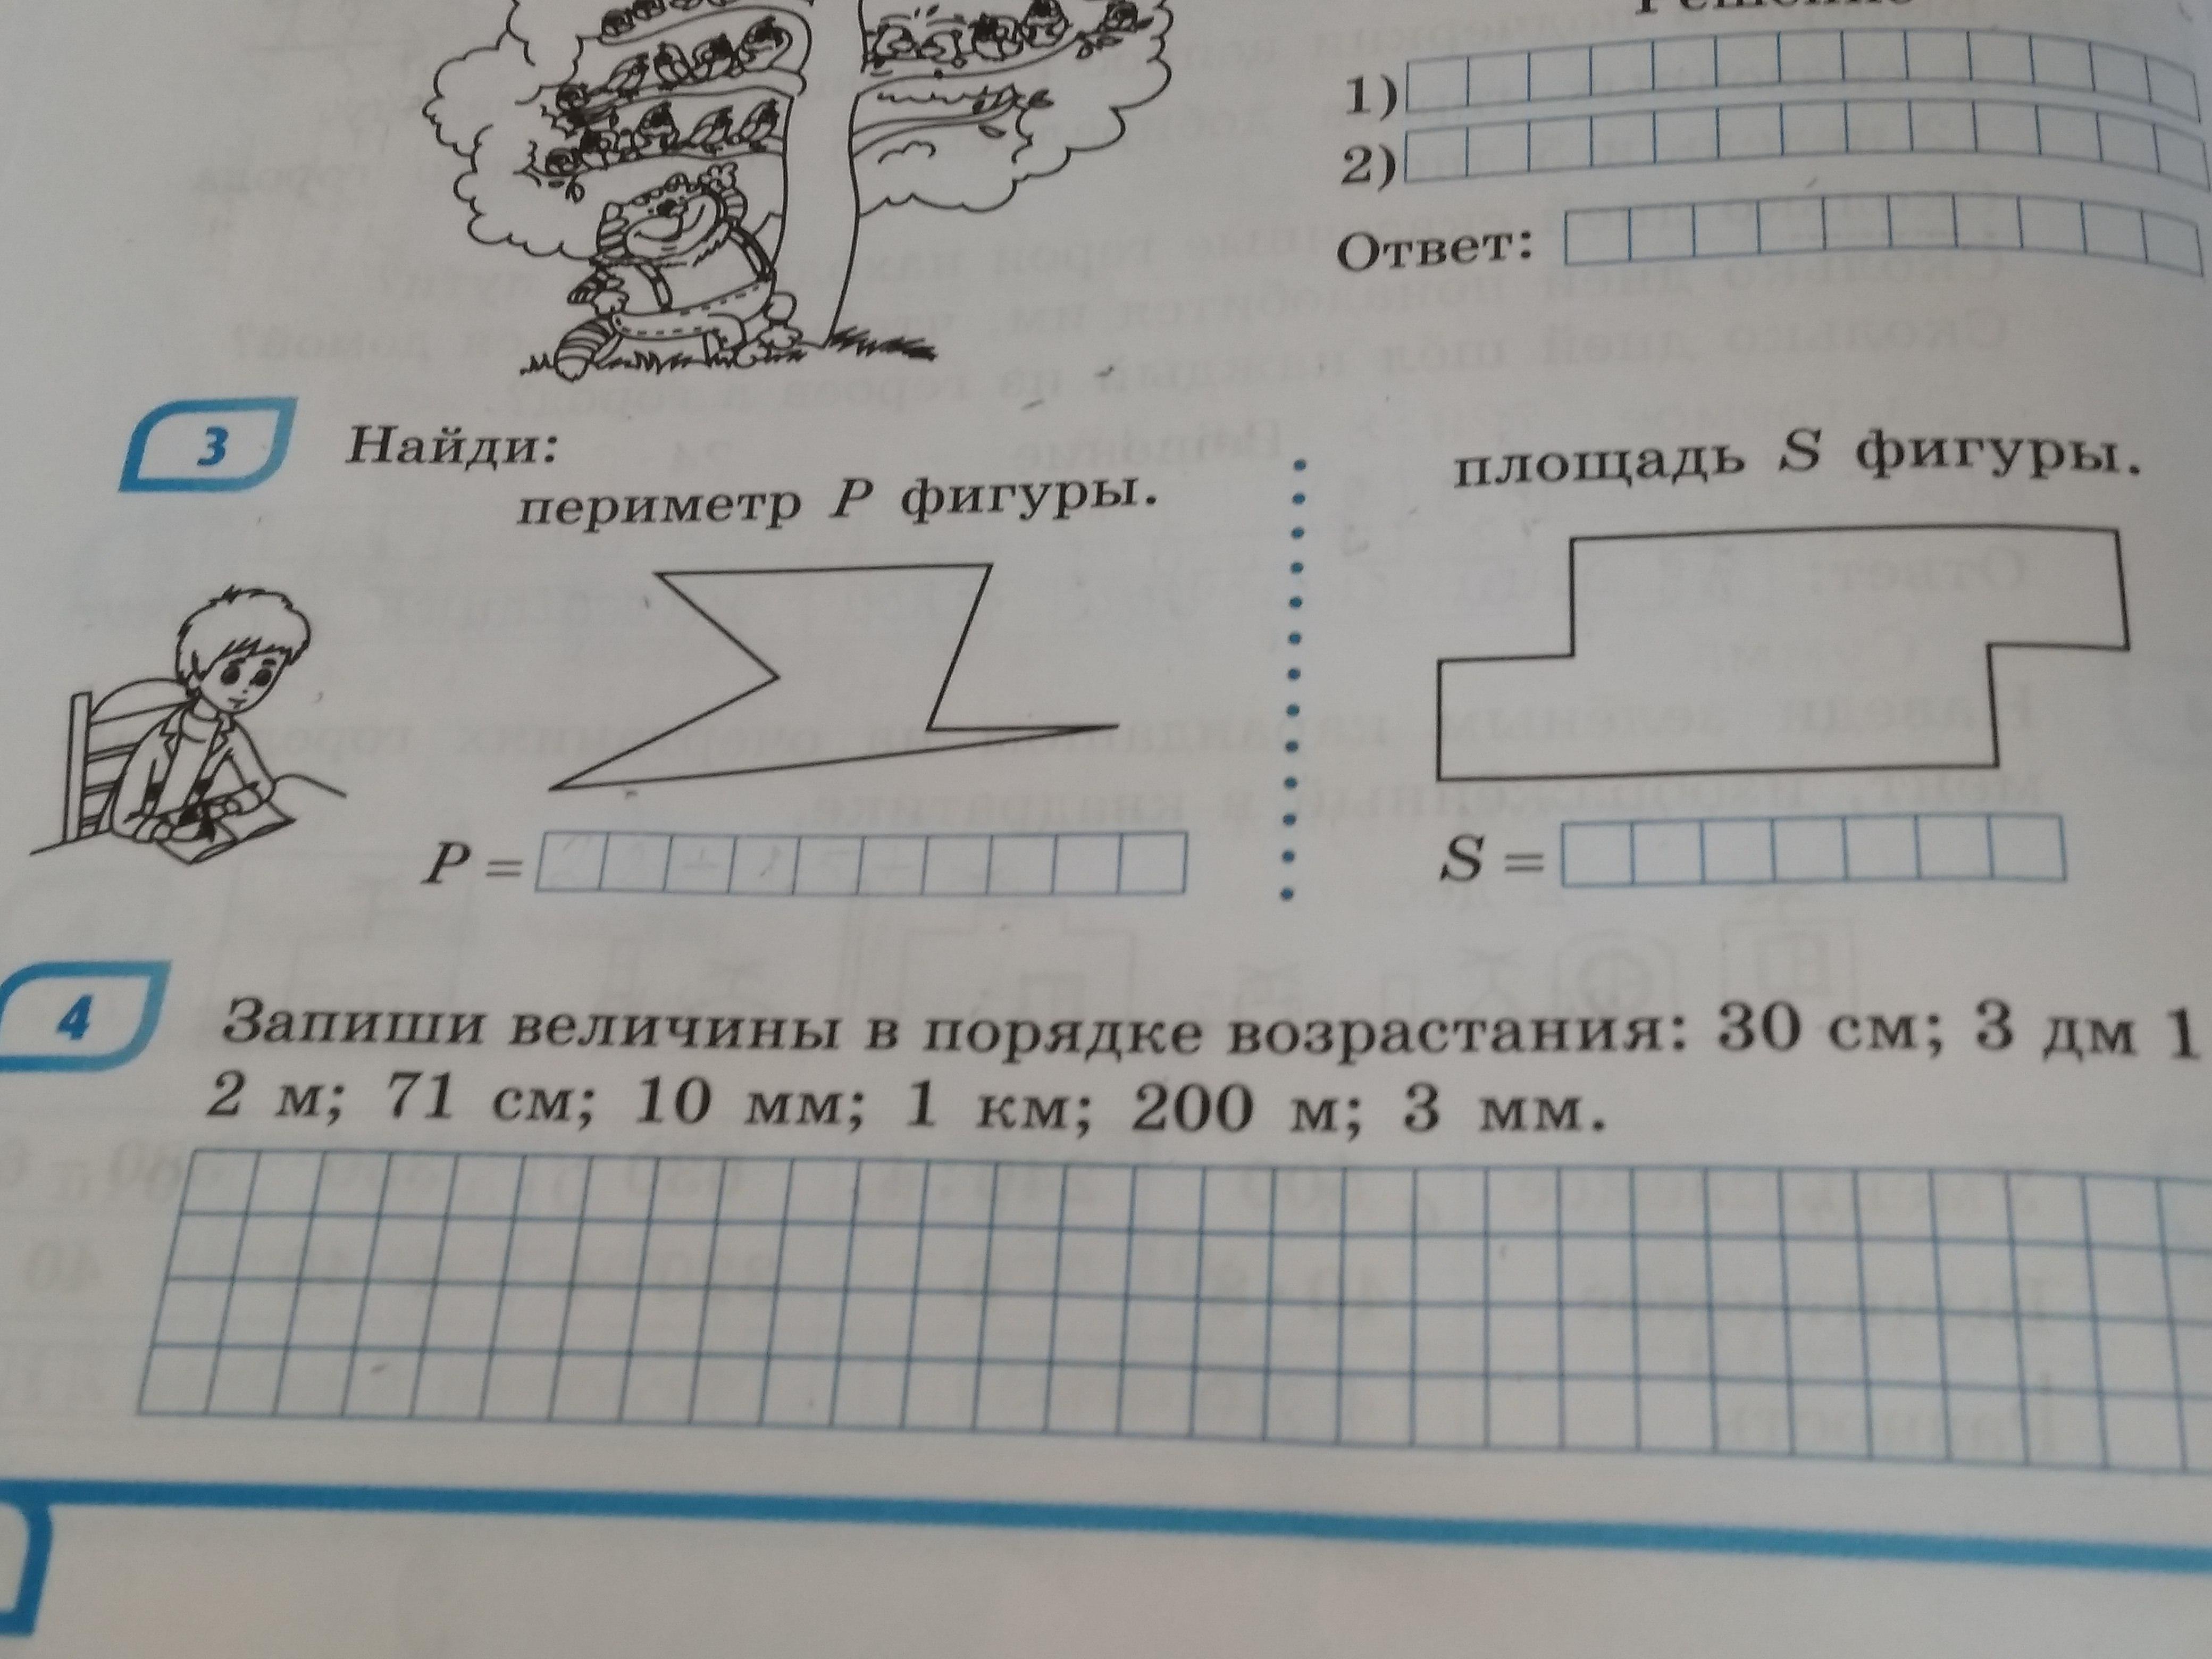 Помогите пожалуйста! Задание номер 3